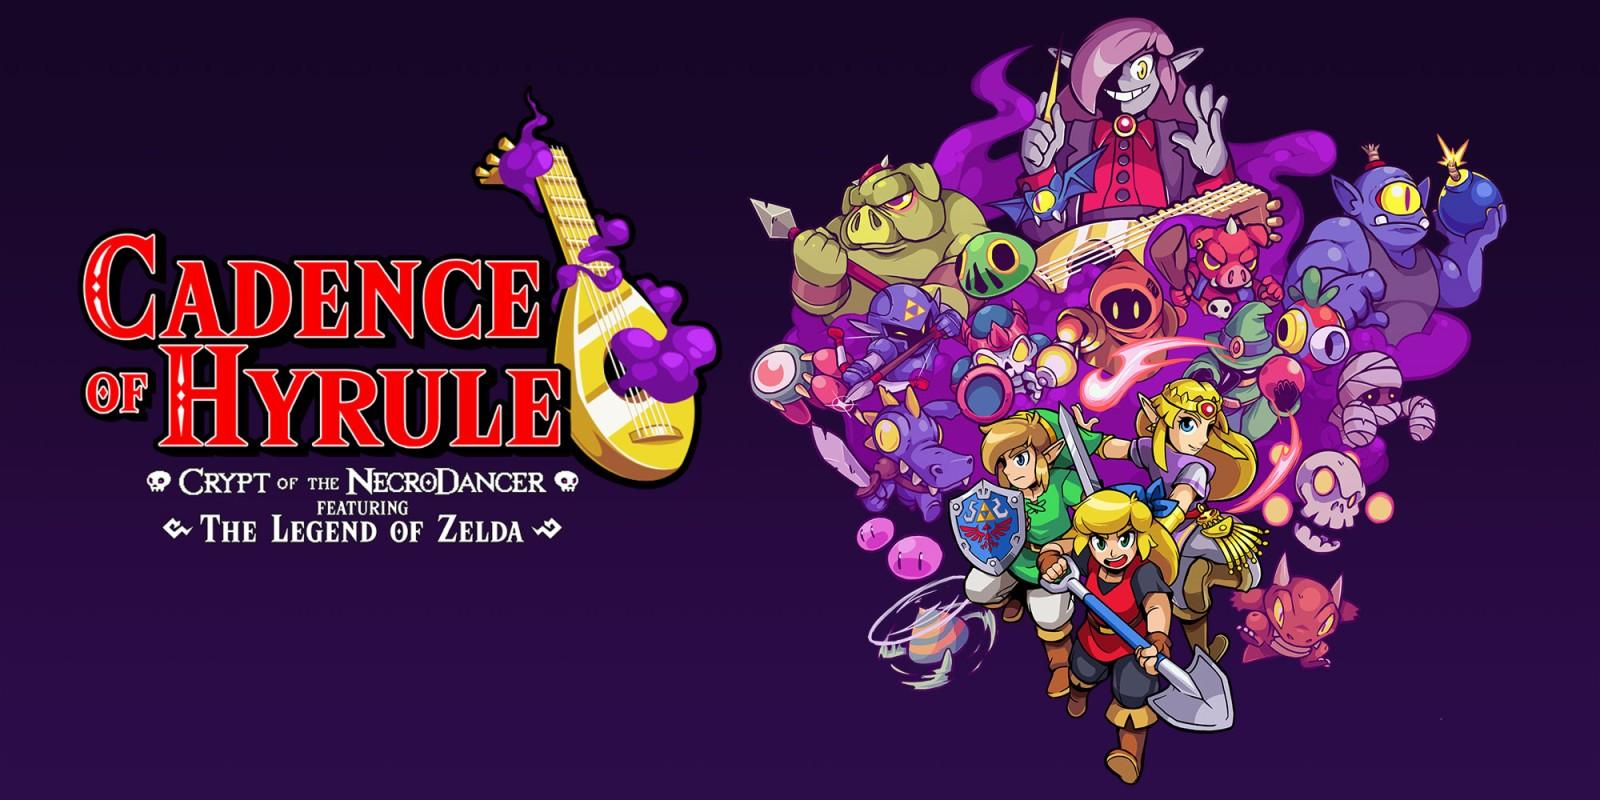 Candence of Hyrule recibirá 3 DLCs y versión física